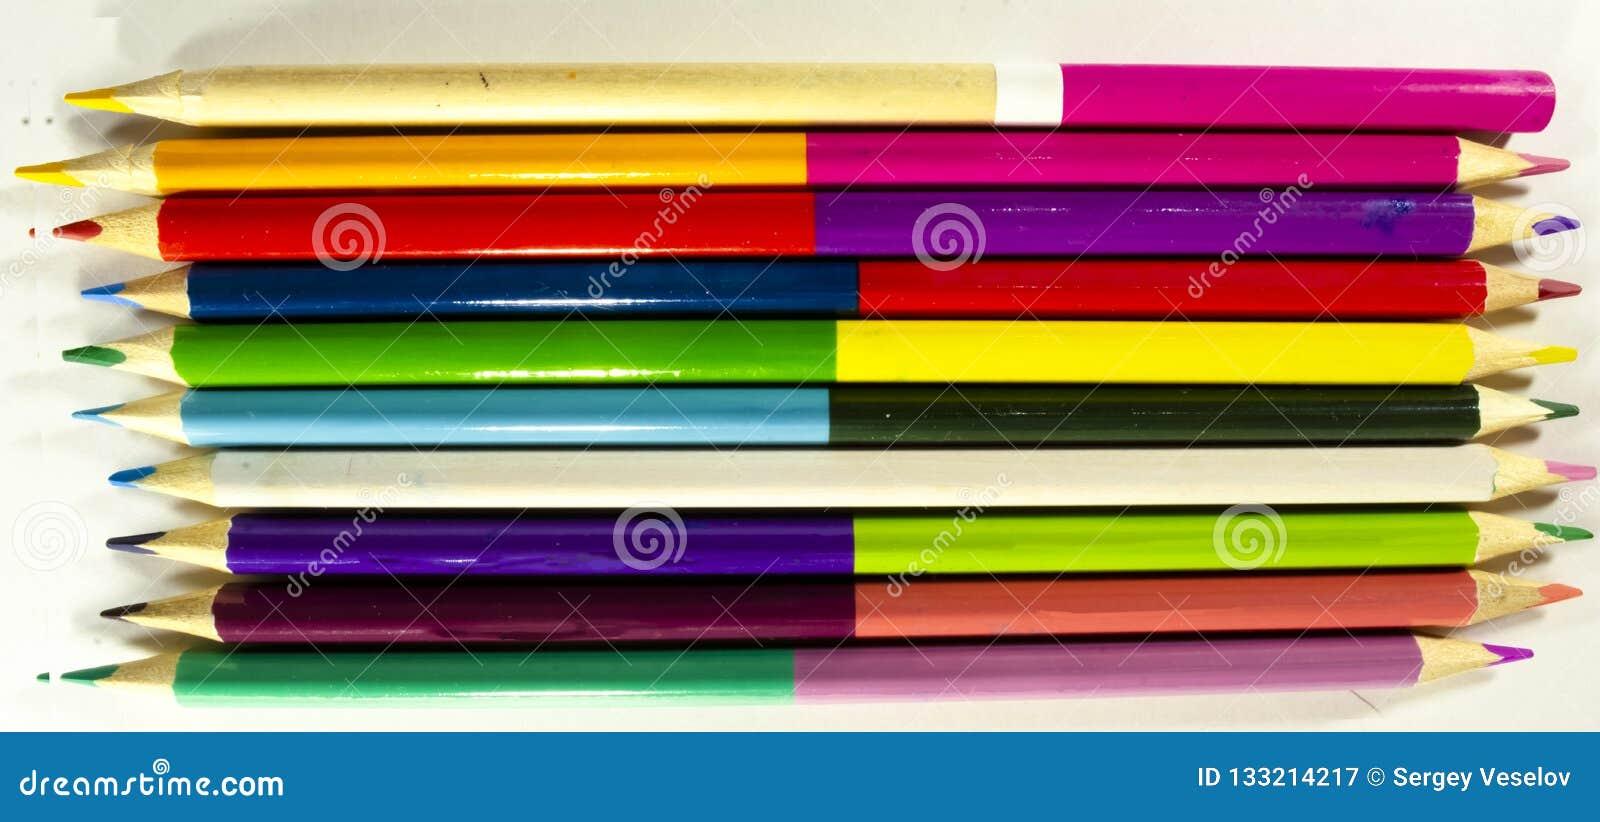 Τα μολύβια για το στρέθιμο της προσοχής σε χαρτί των διαφορετικών χρωμάτων βρίσκονται σε άσπρο χαρτί σχεδίων